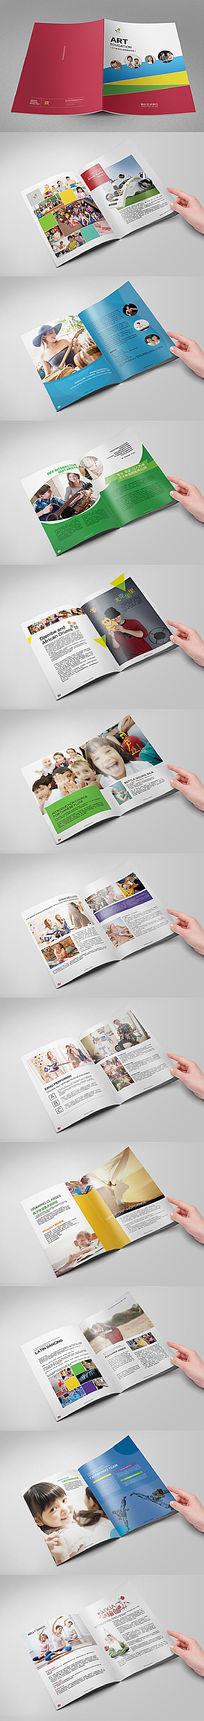 艺术培训班学校辅导班招生宣传画册